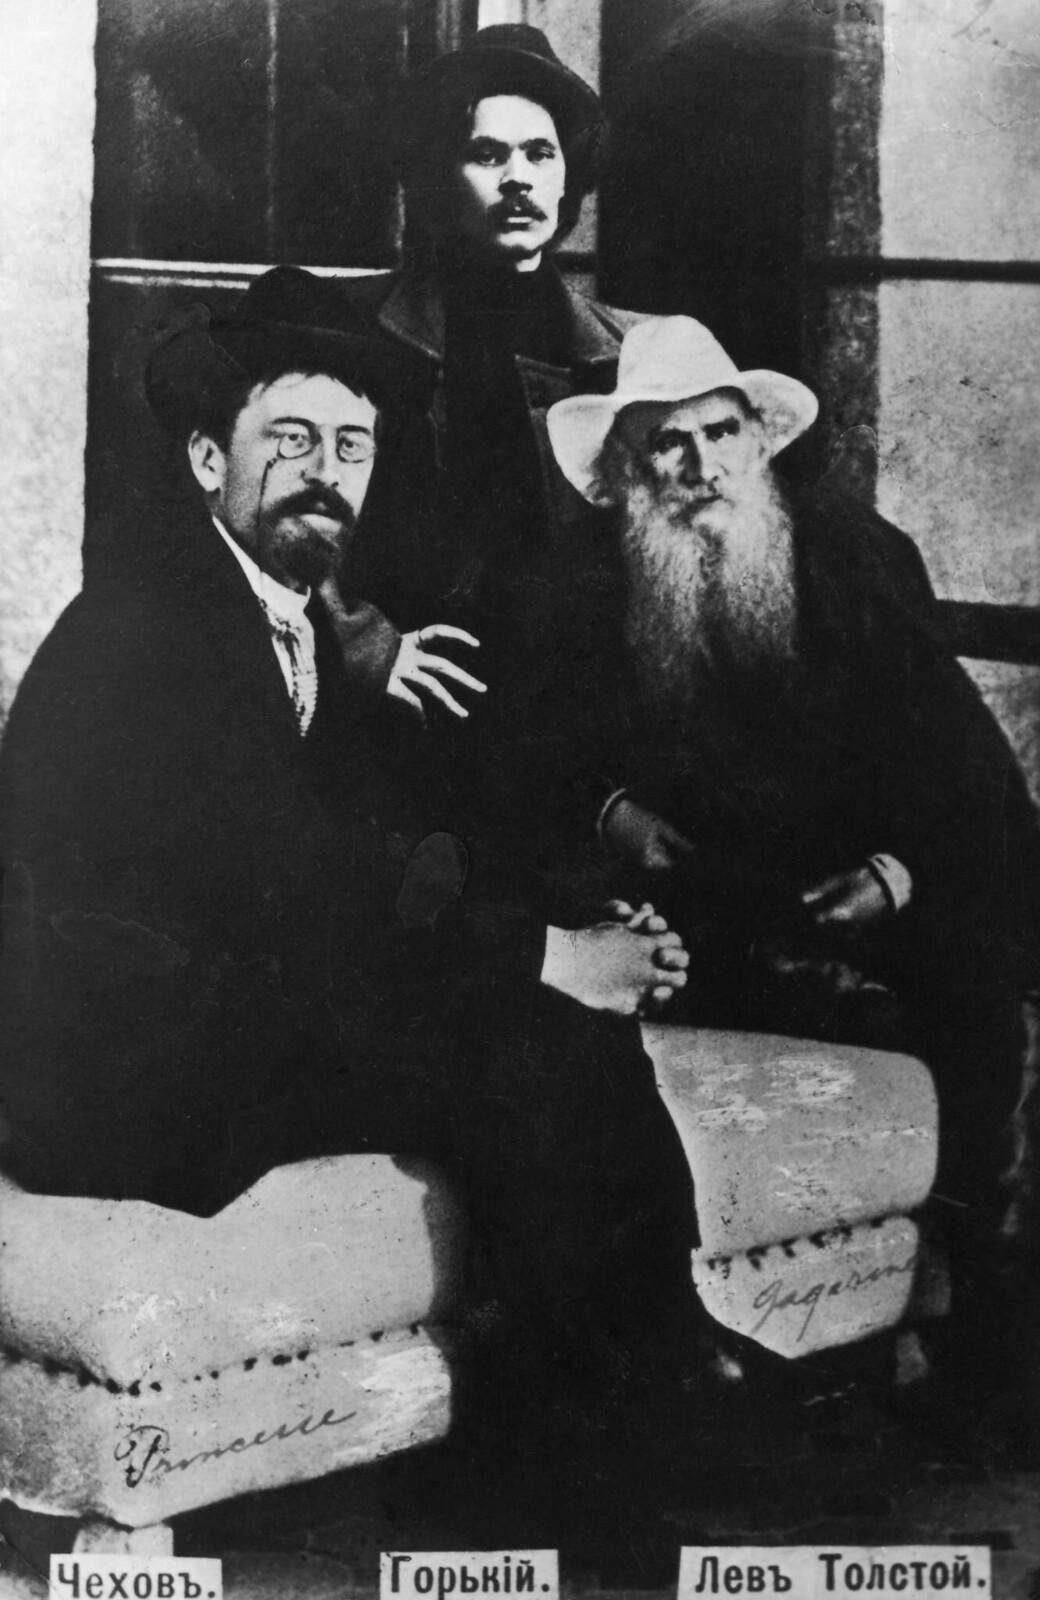 1901. А.П. Чехов, А.М. Горький и Л.Н. Толстой в Гаспре